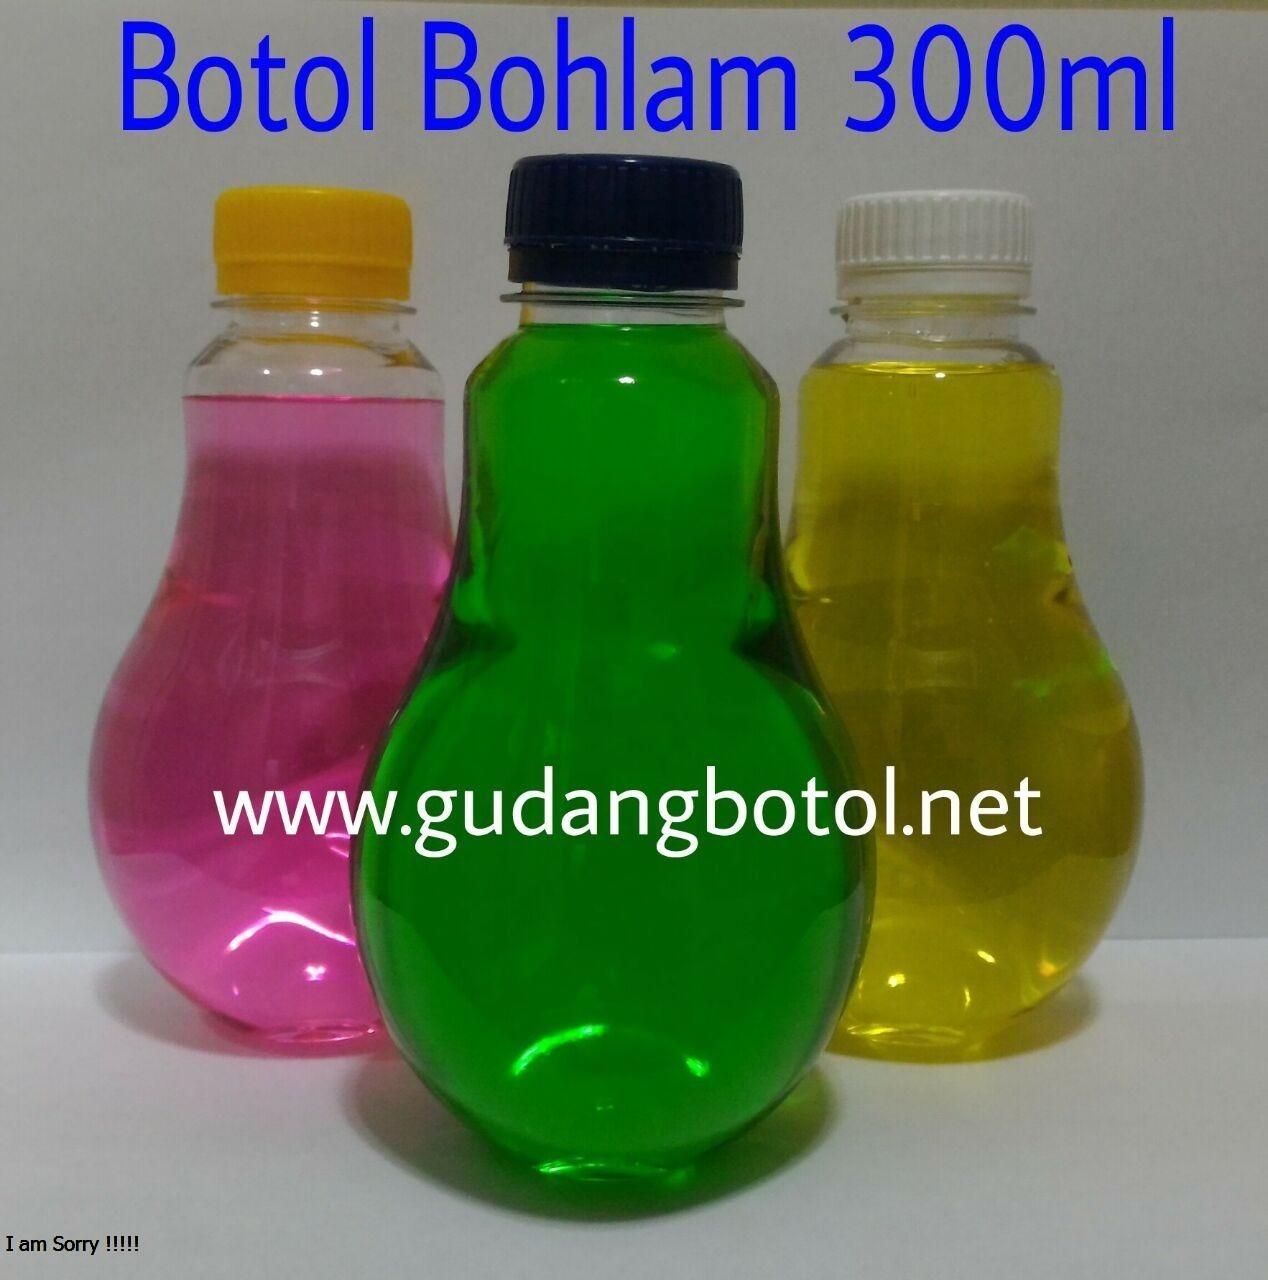 botol-bohlam